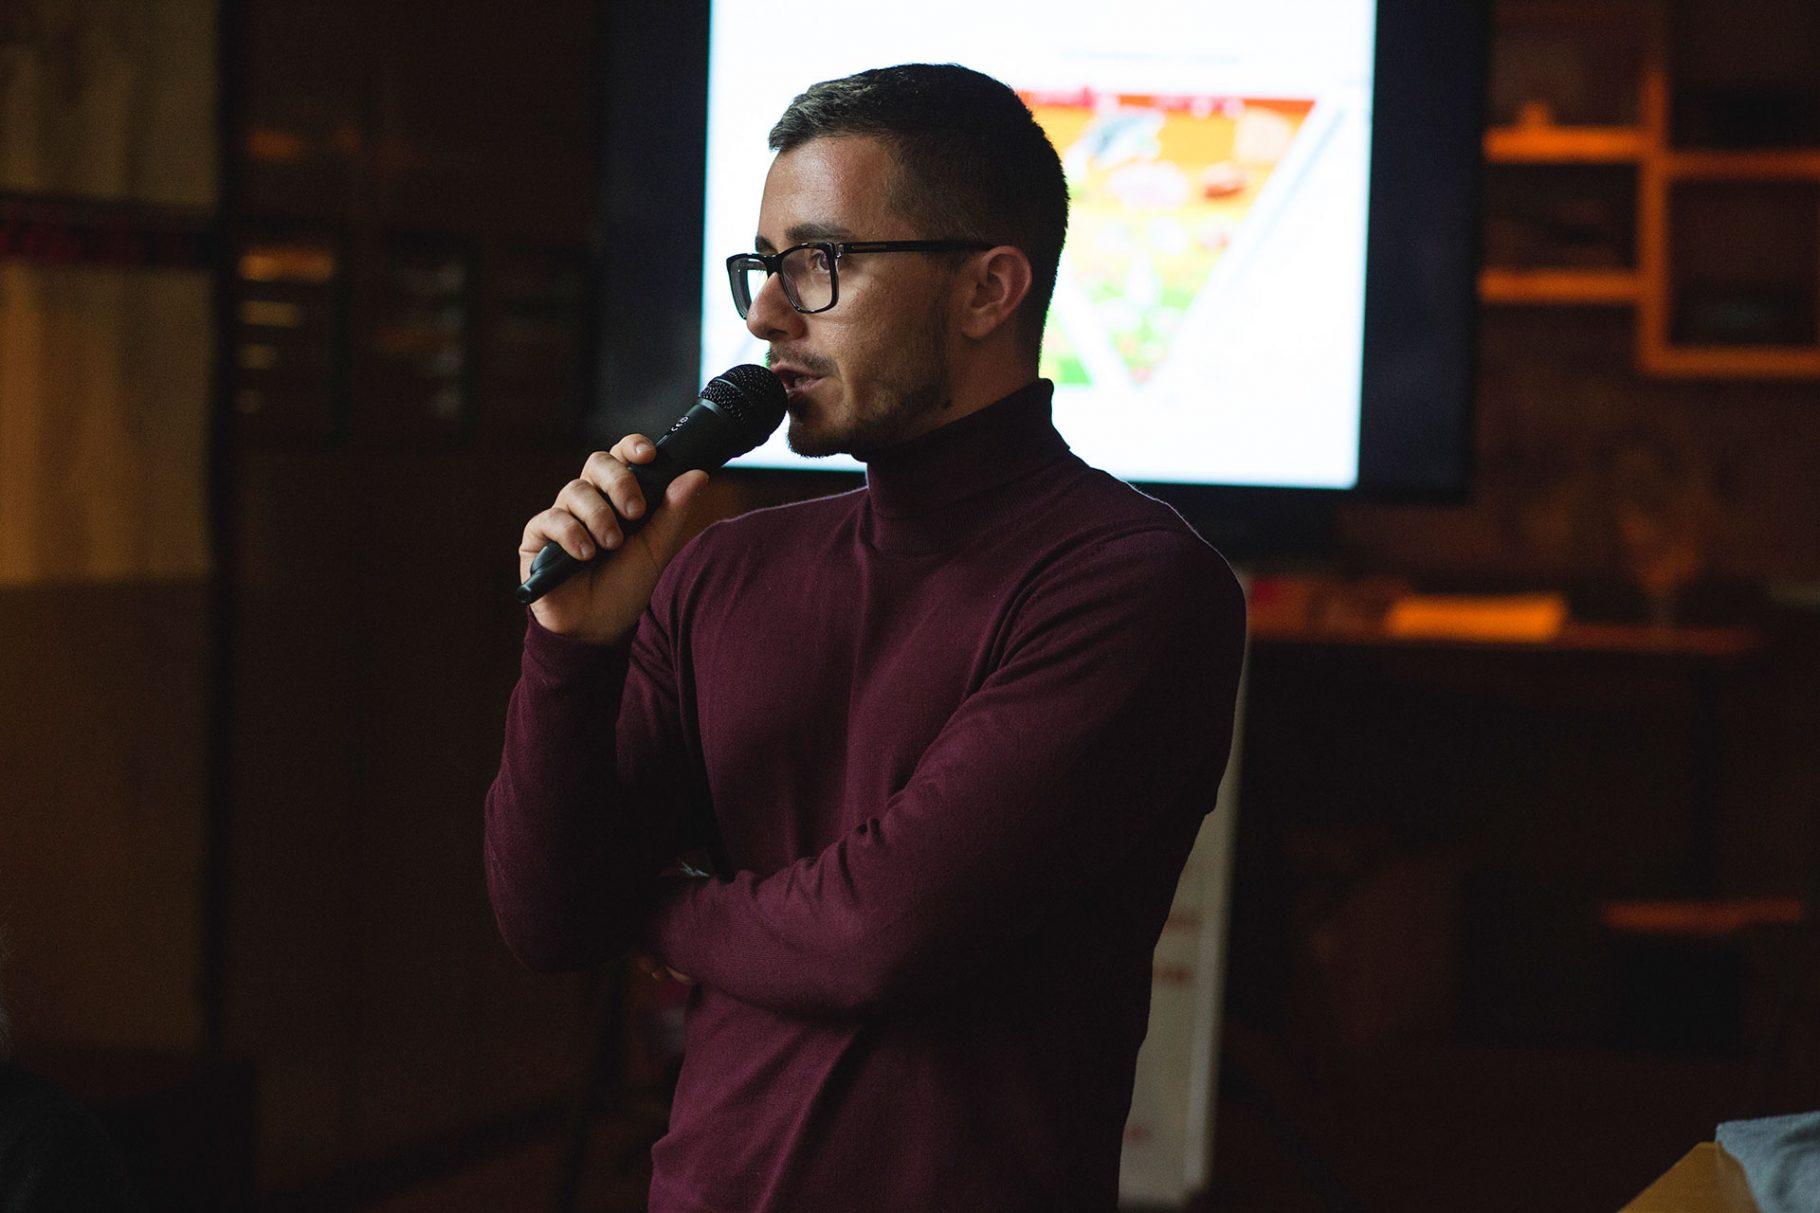 Симеон Василев от GLAS е сред героите в световната кампания на PlanetRomeo